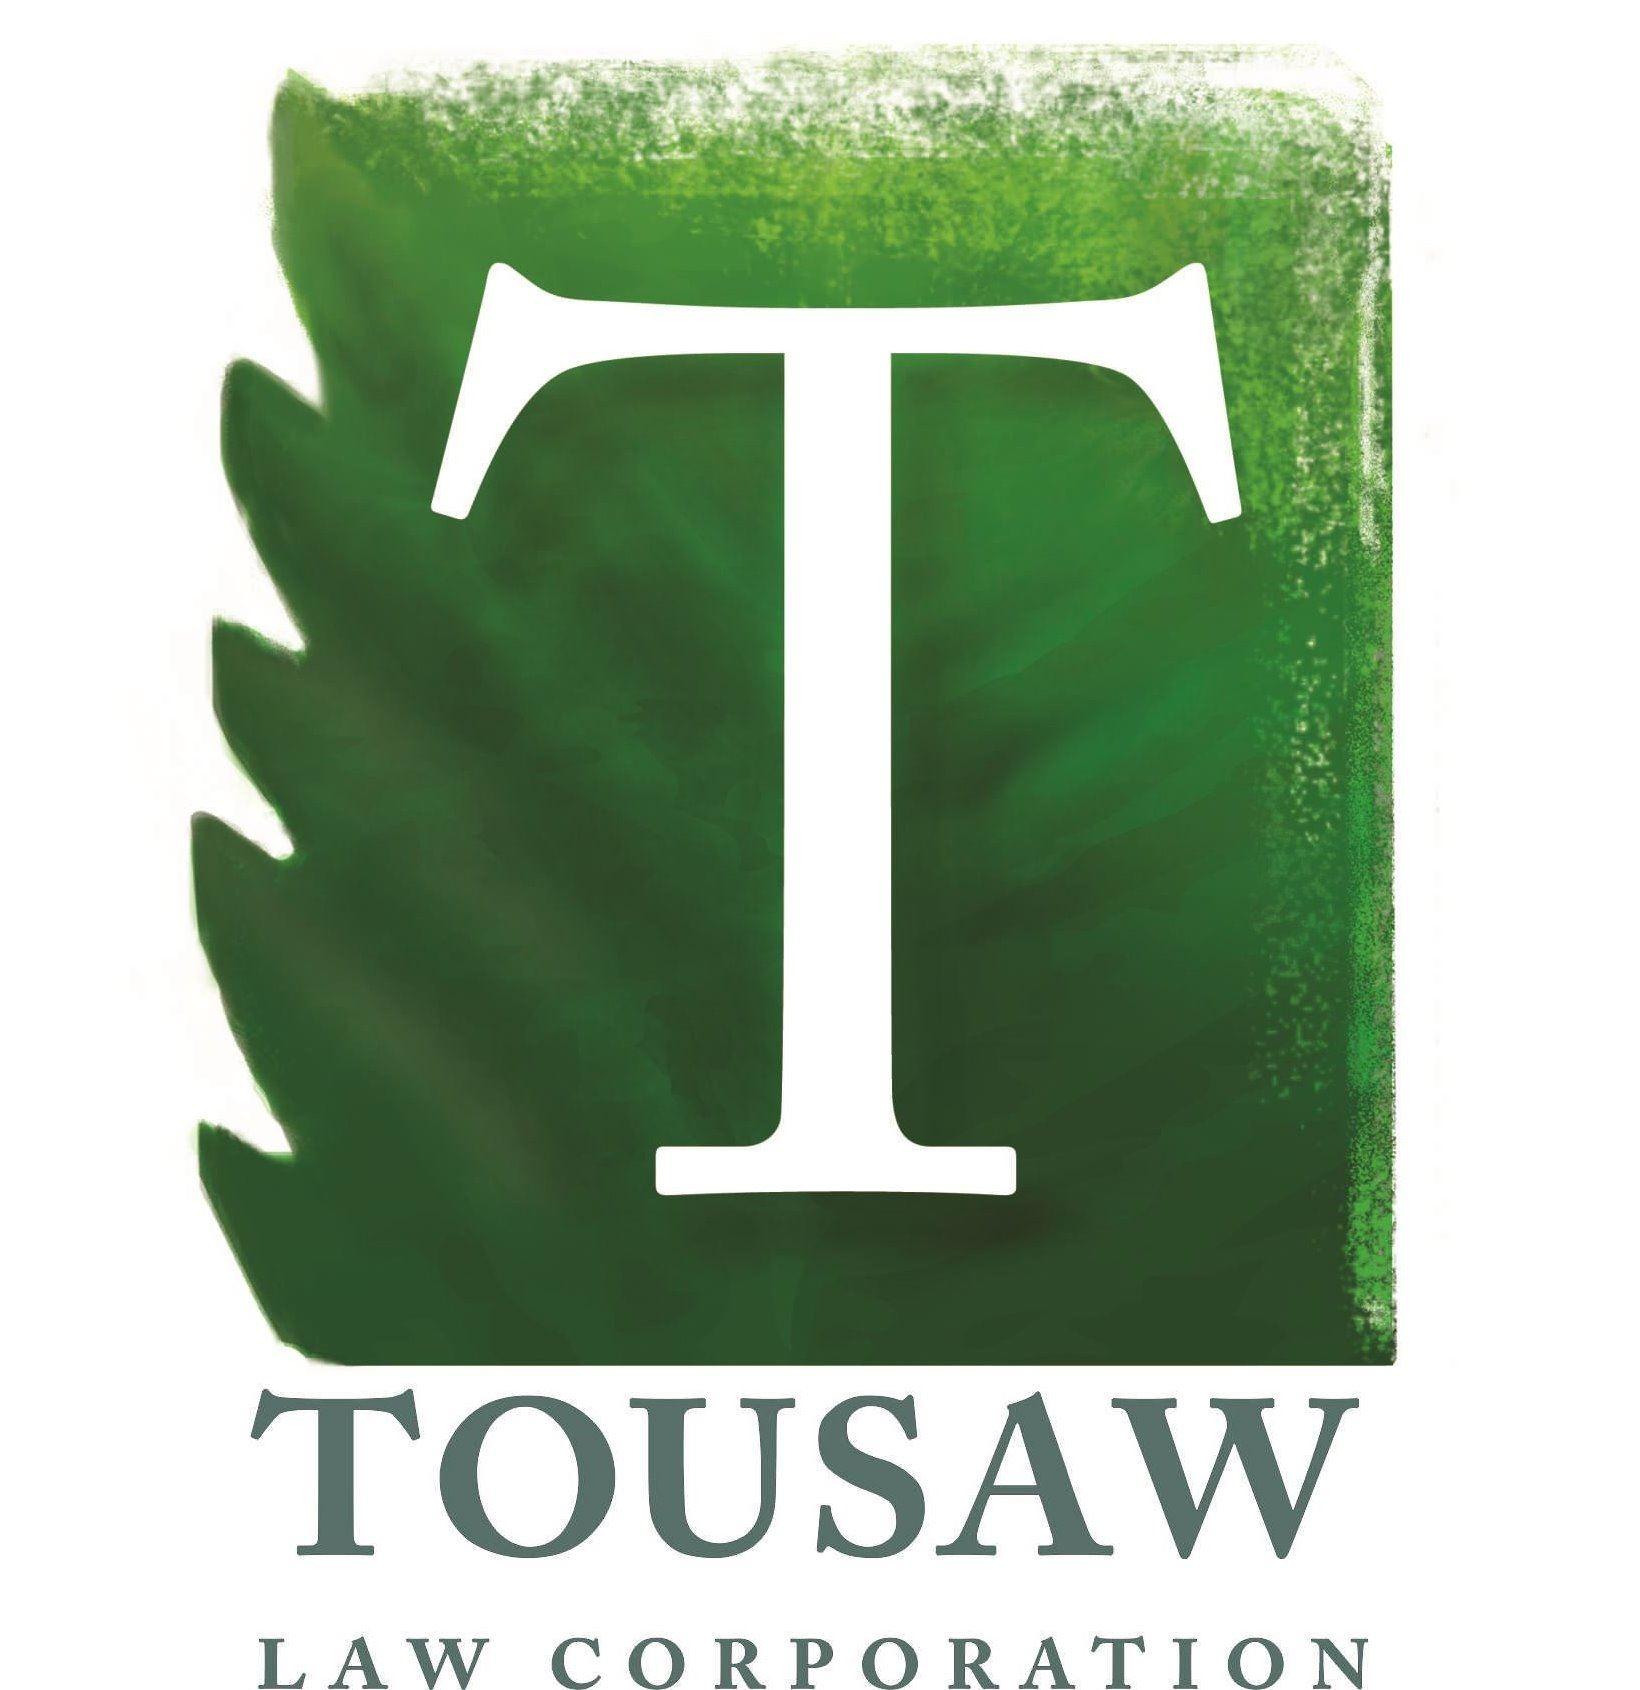 Tousaw Law